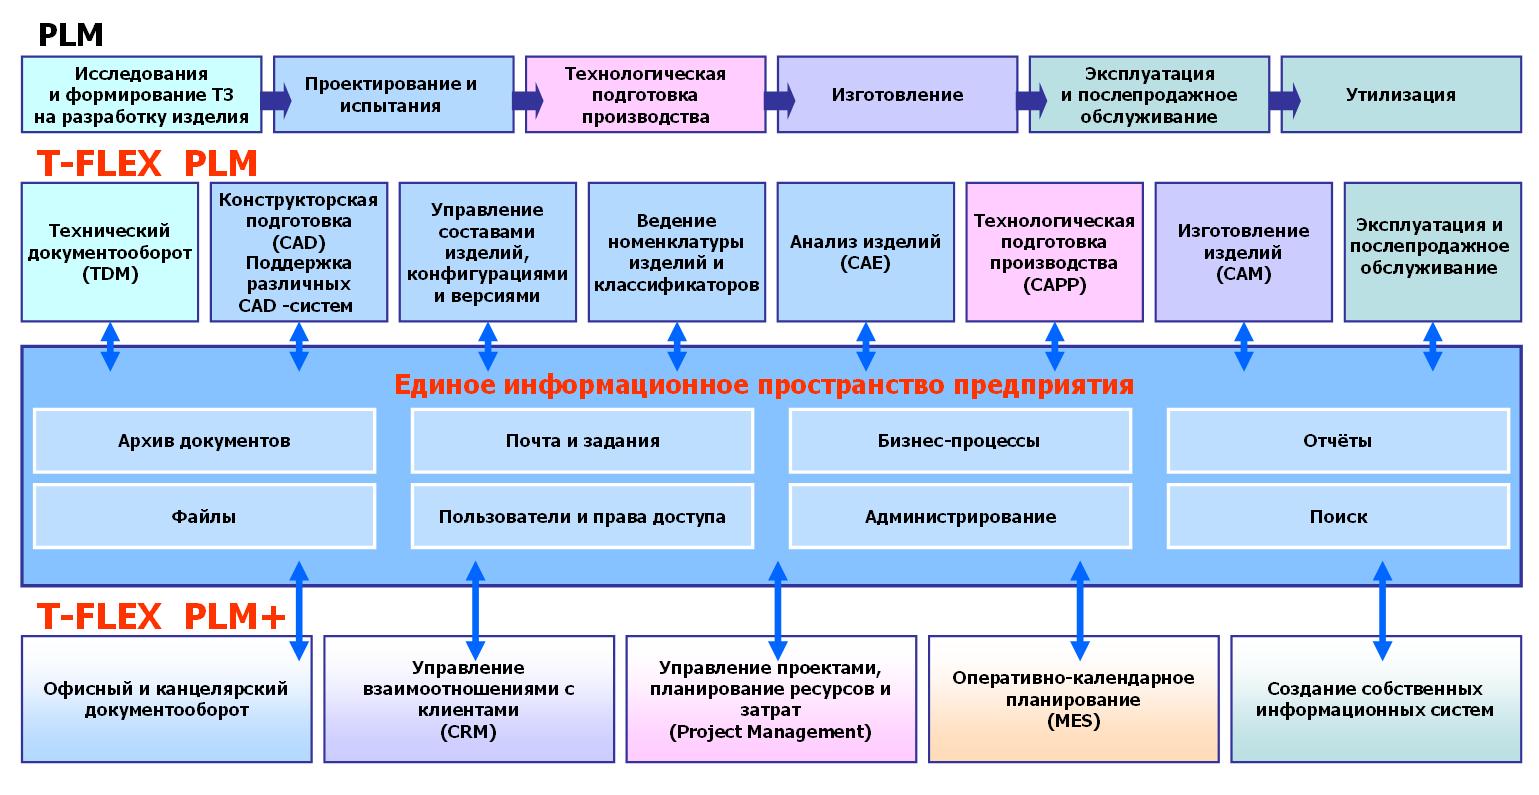 Схема производственный цикл изделия